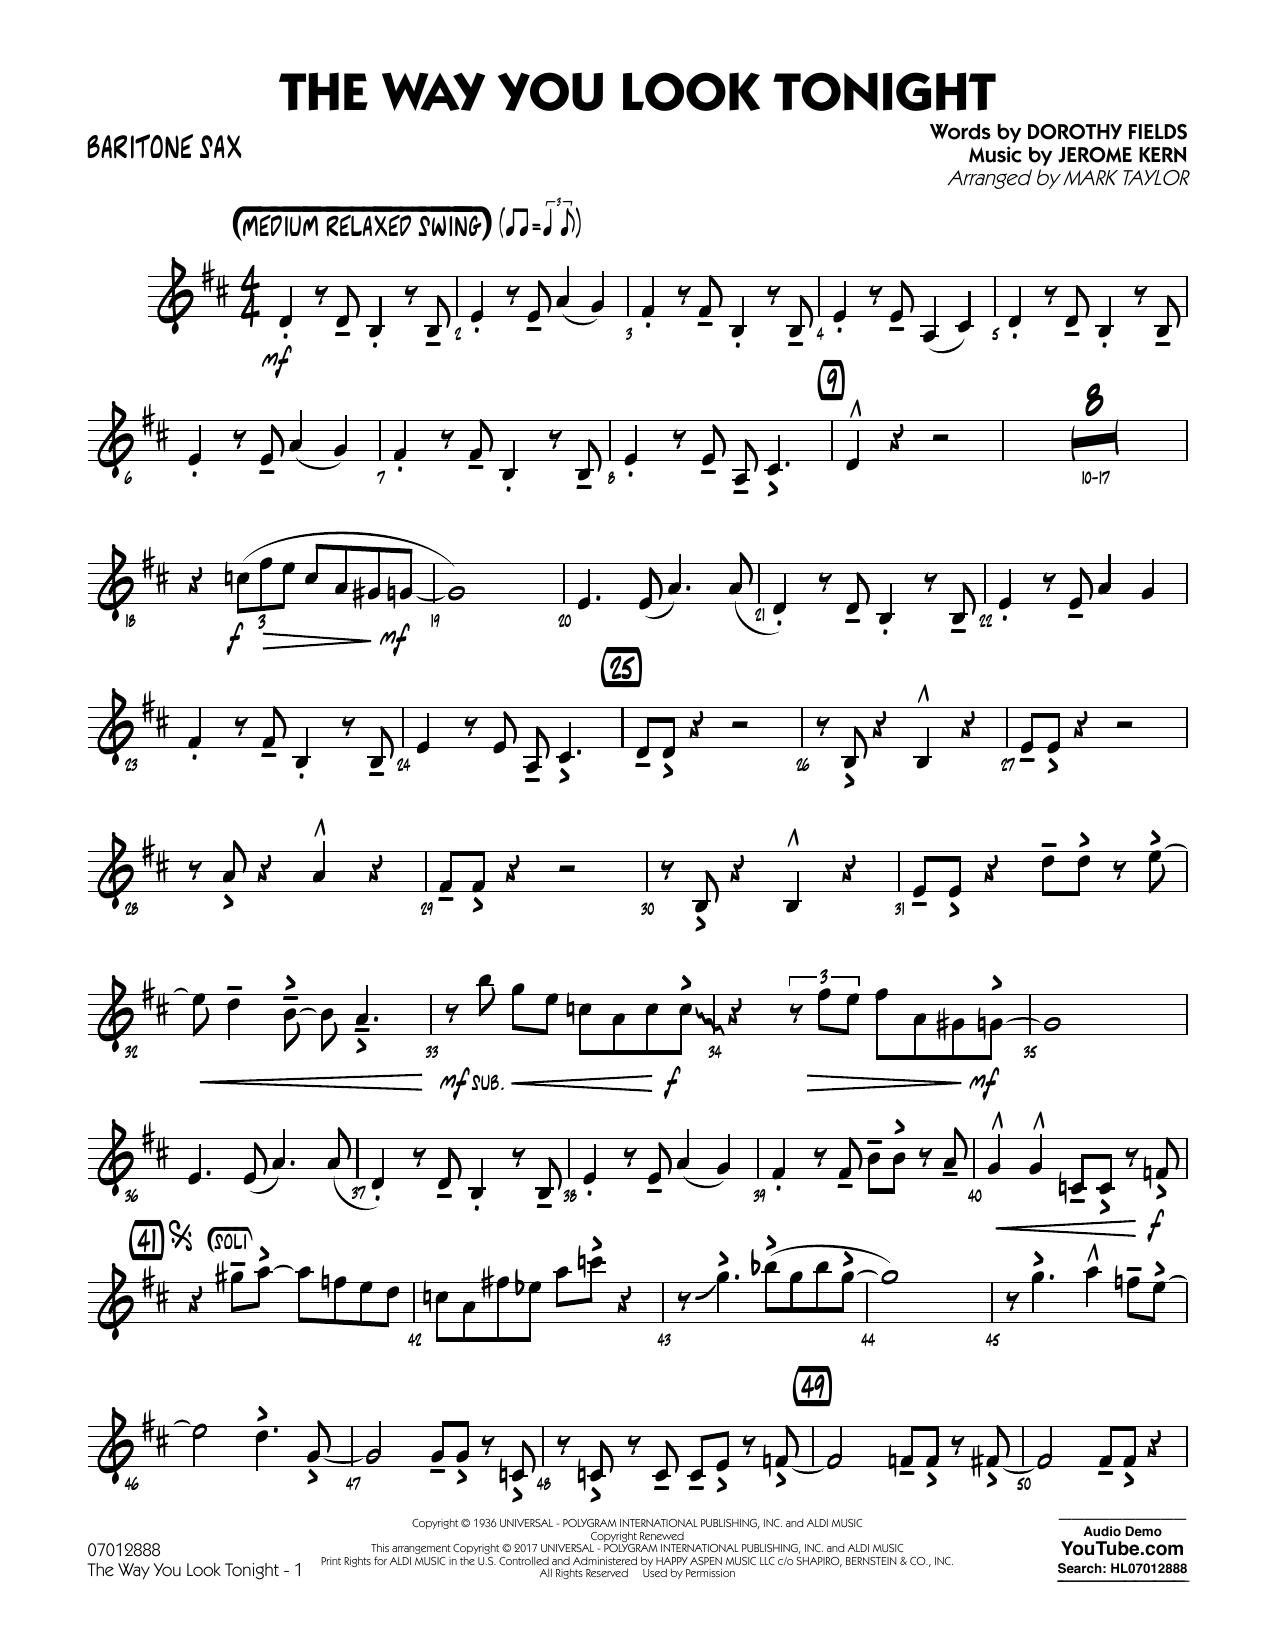 Jerome Kern - The Way You Look Tonight - Baritone Sax